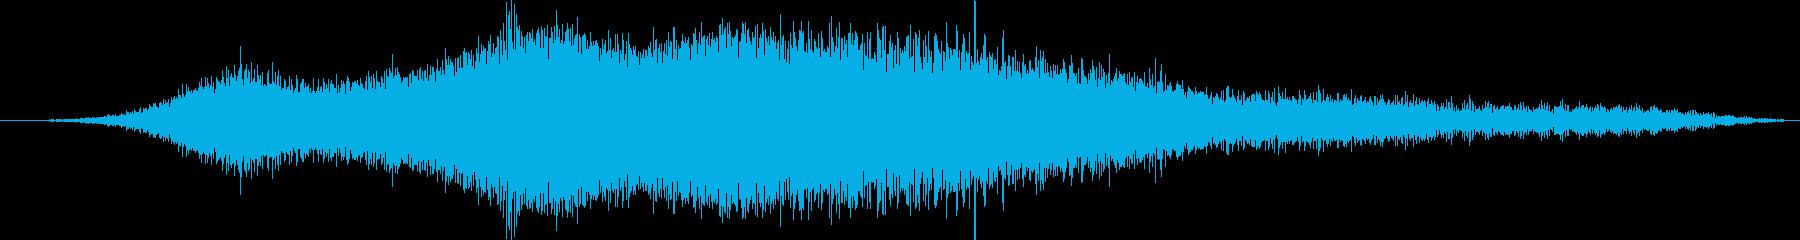 劇的なメタリックな外観のドローンの再生済みの波形